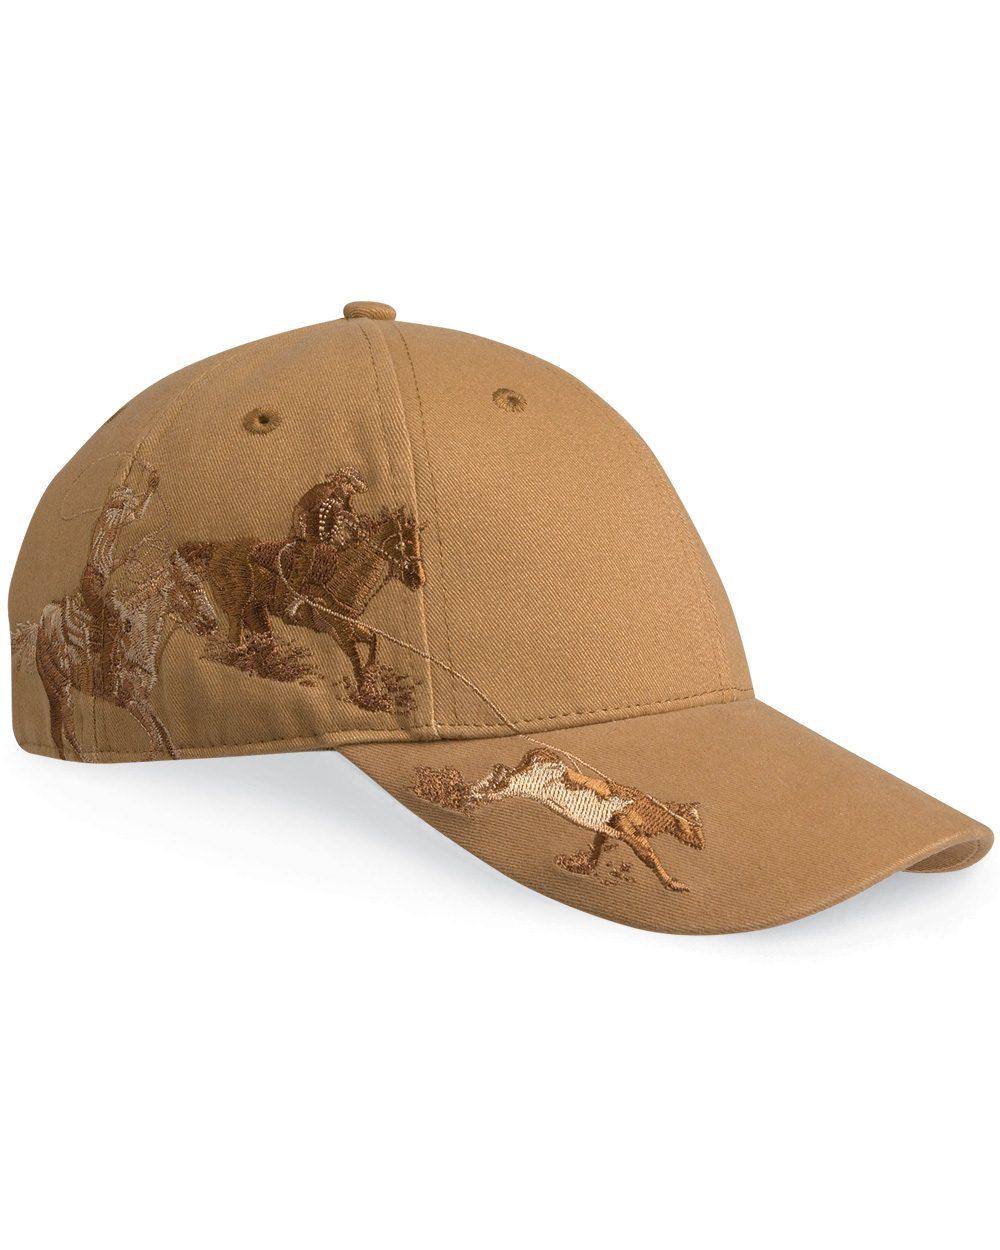 DRI DUCK Wildlife Series Team Roping Cap - 3263